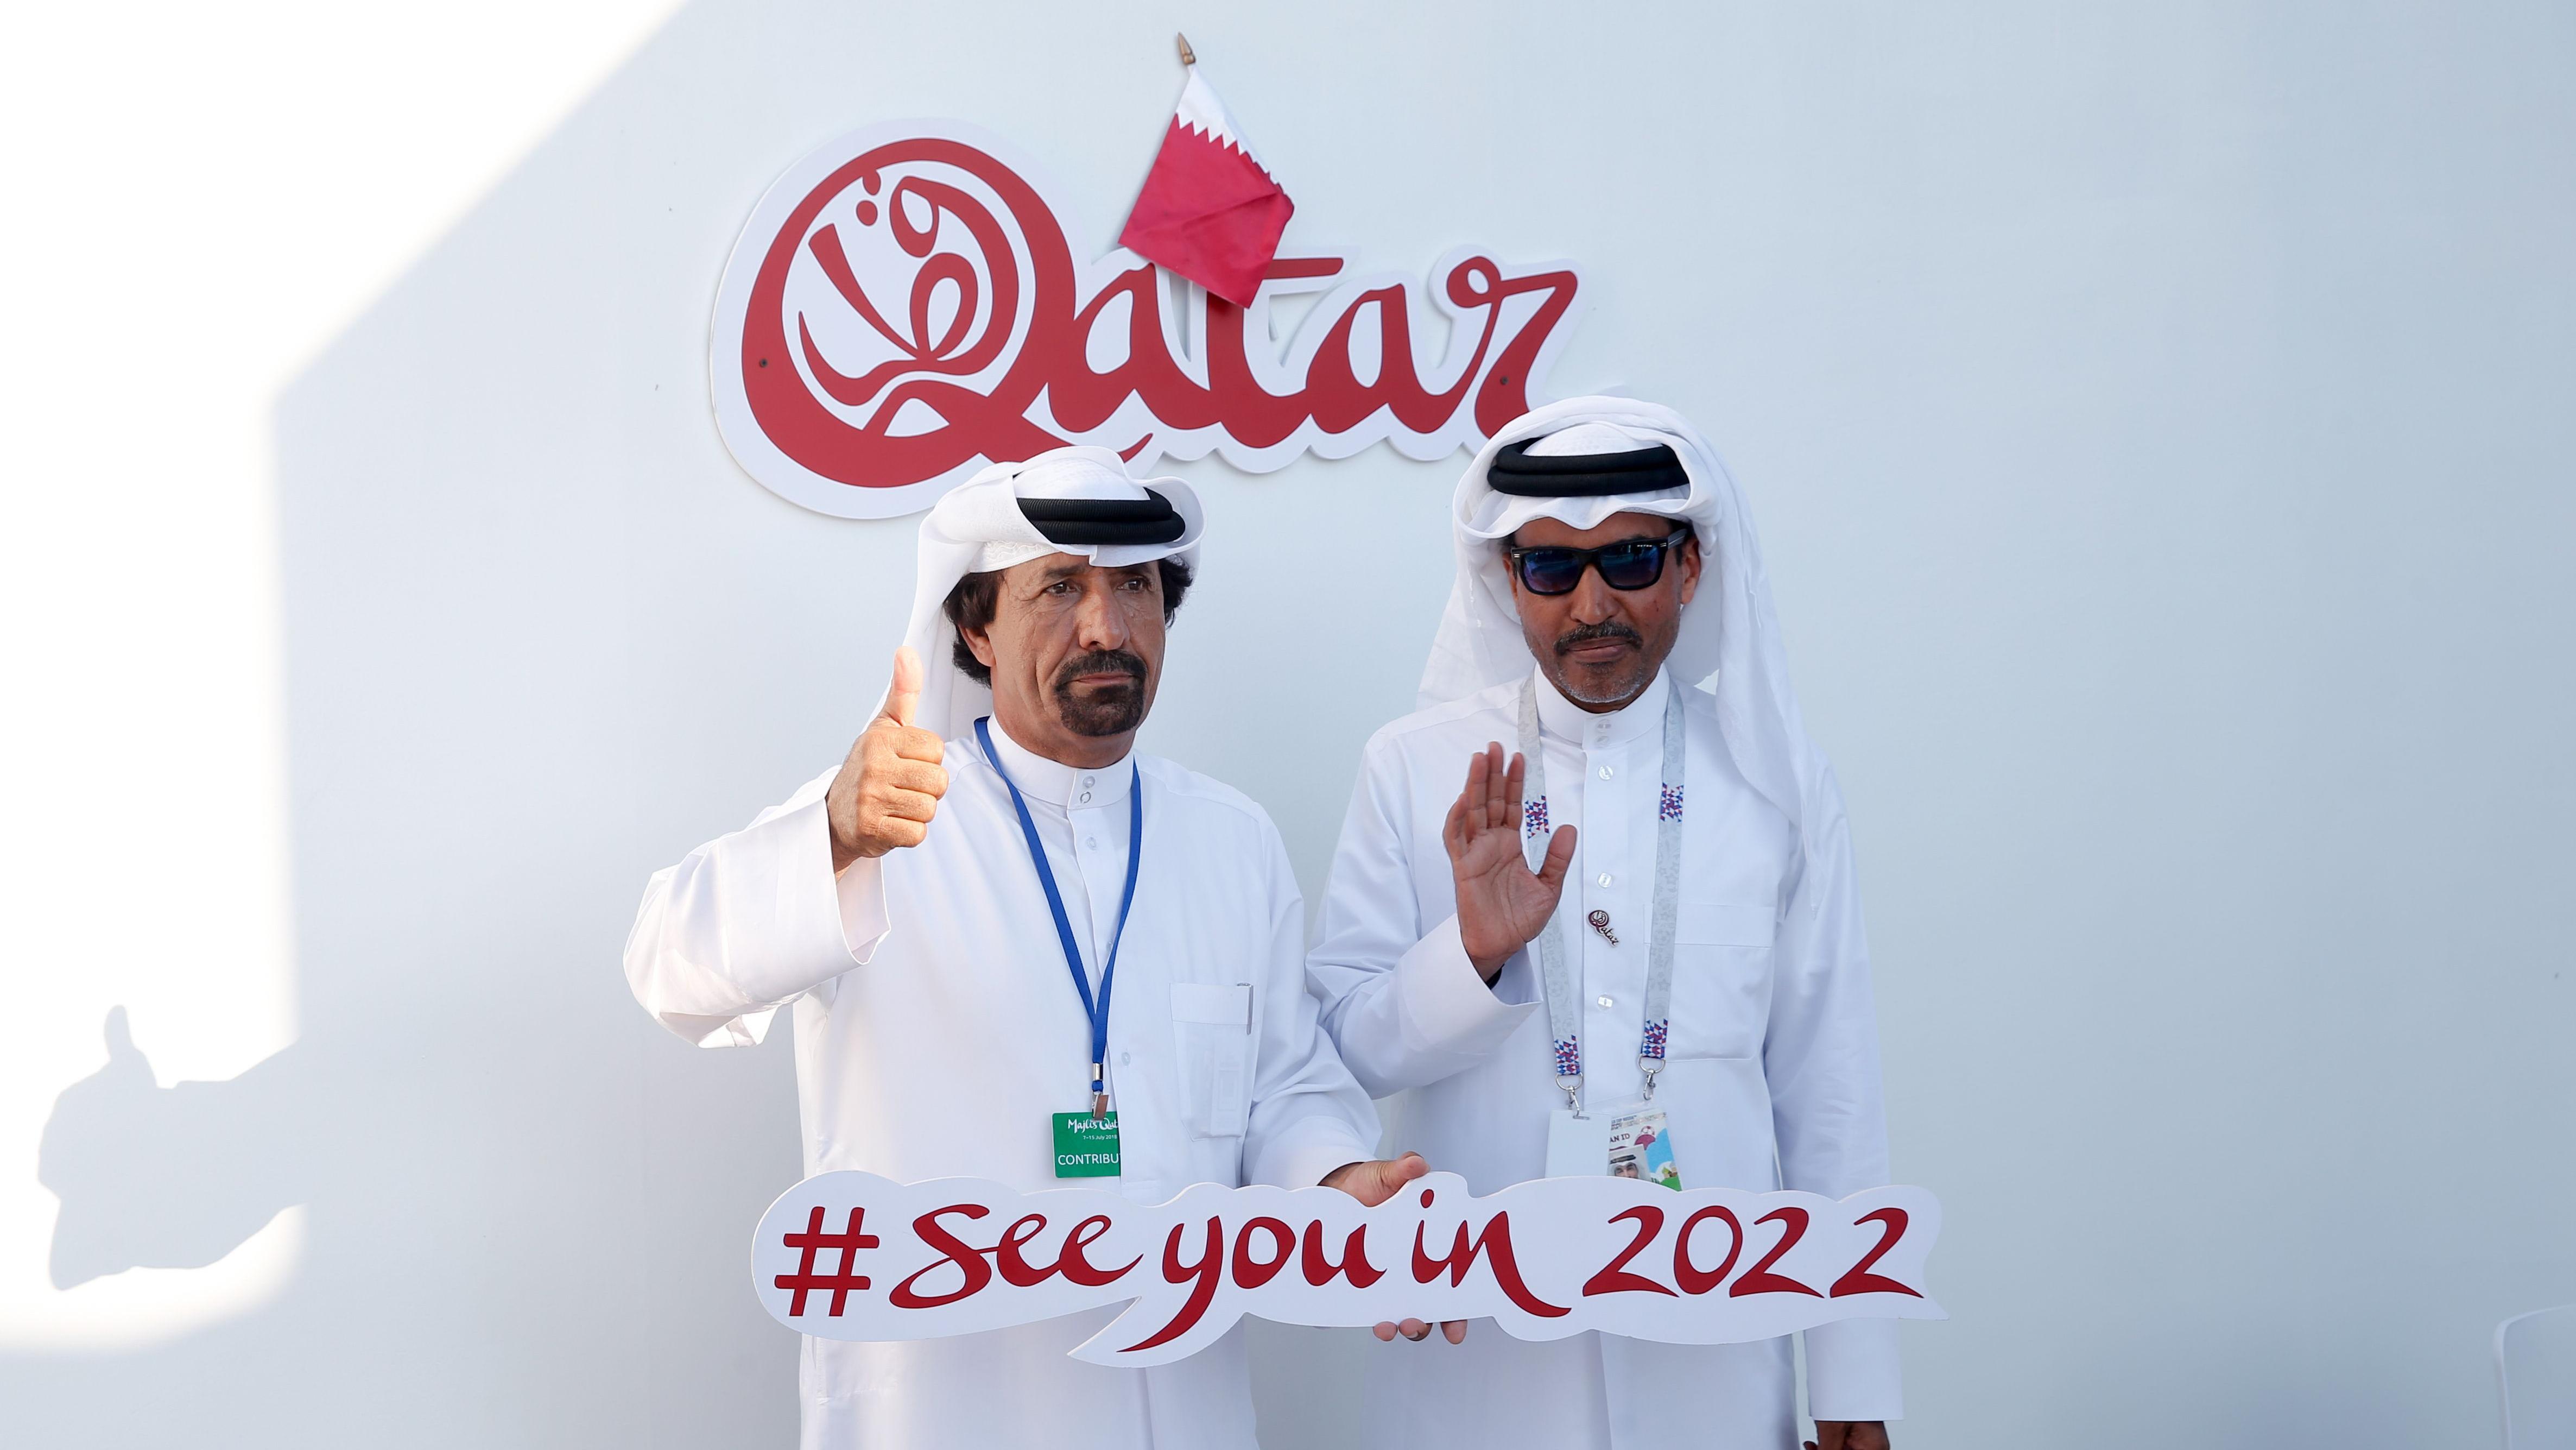 vm_qatar.jpg